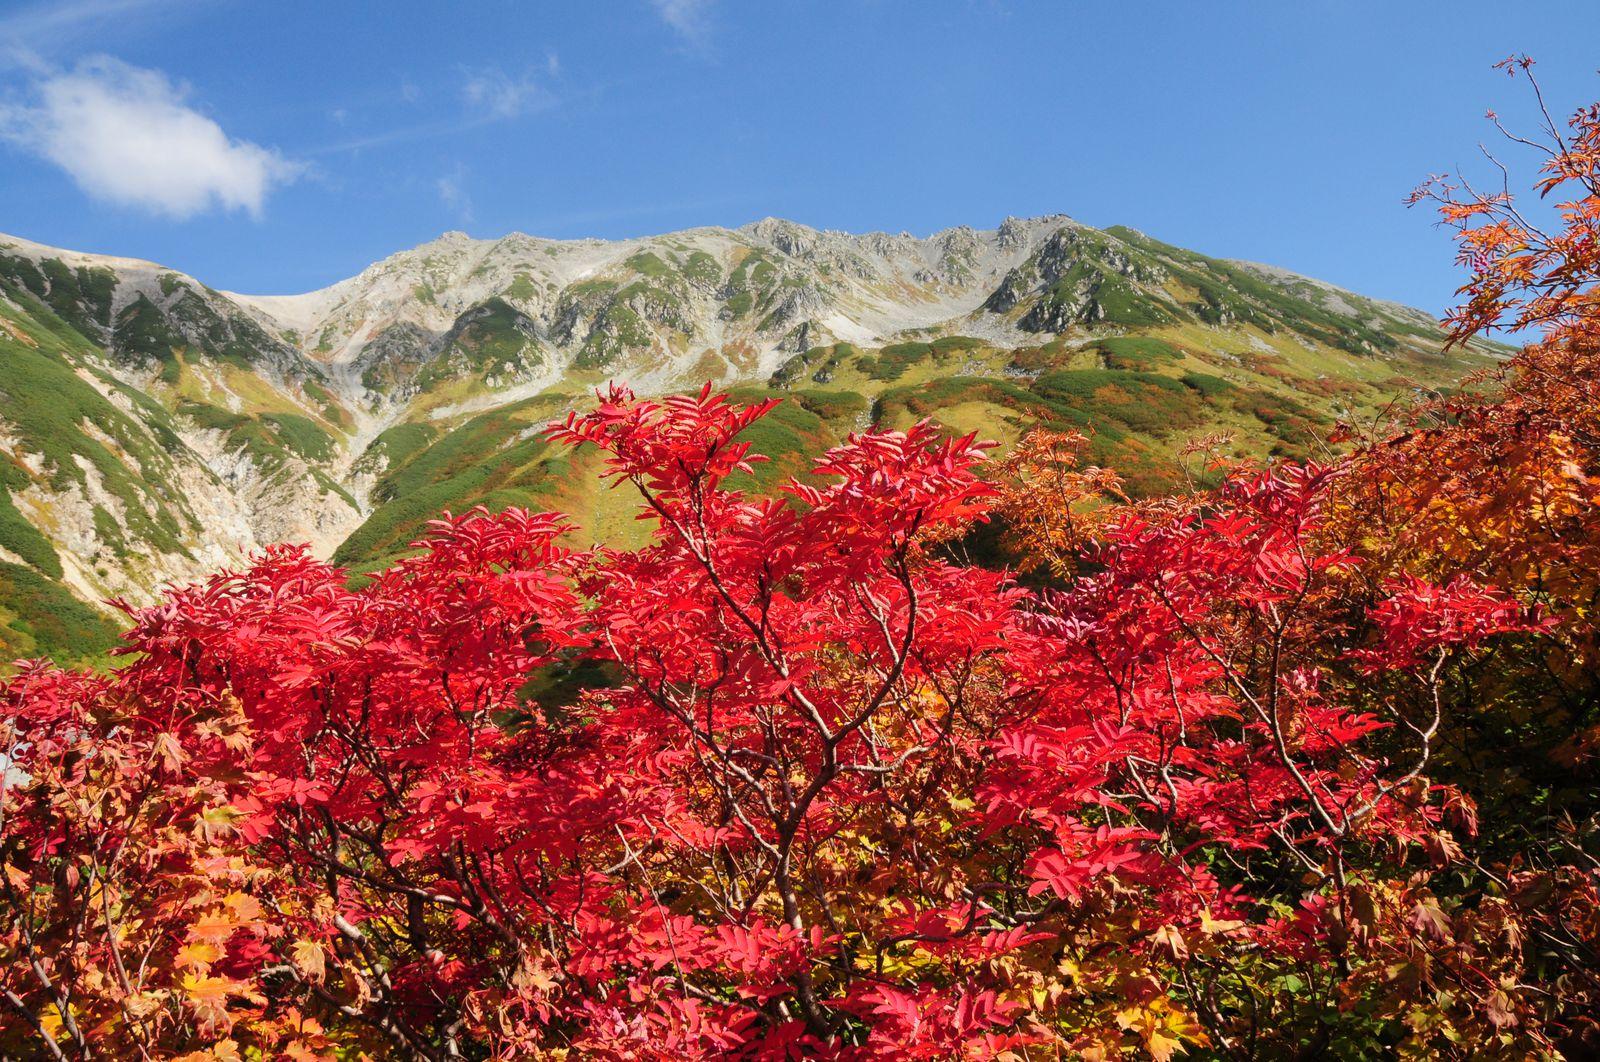 アルペンルートの秋は一気に訪れます。一番早いのは「室堂(むろどう)」の9月中旬、「美女平(びじょだいら)」は10月下旬から徐々に紅く染まっていきます。燃える木々と青空のコントラストは、どこを切り取っても美しいですよね!